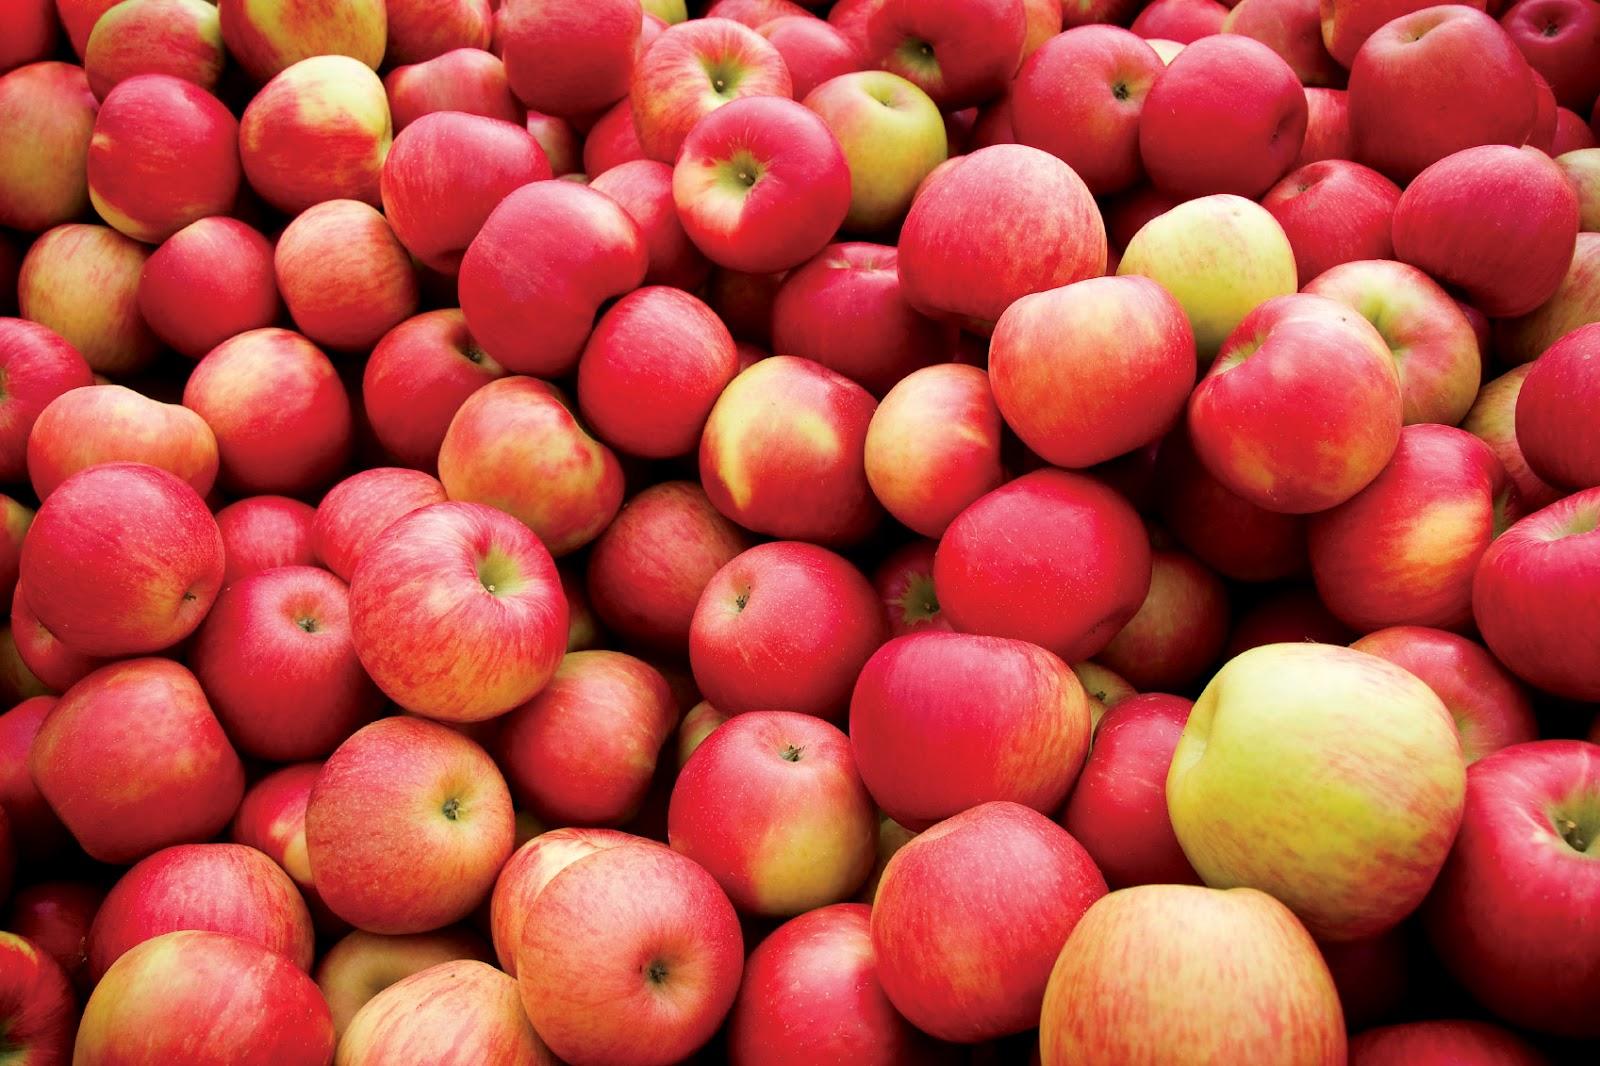 Россельхознадзор с 28 мая запретил поставки яблок с казахстанского предприятия